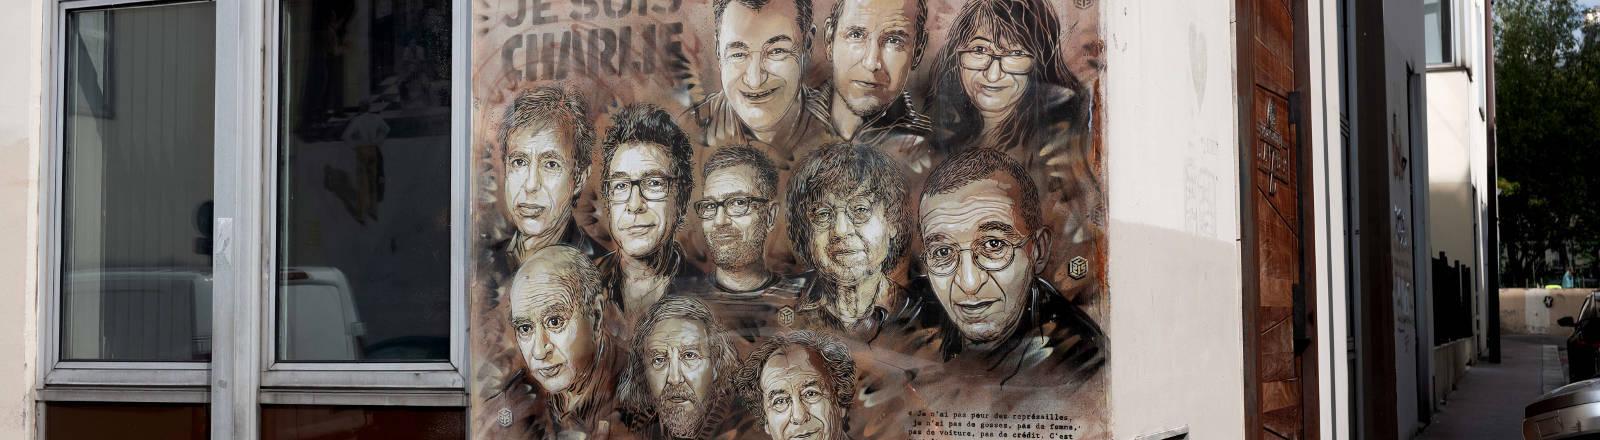 Die Portraits der Opfer des Anschlags auf Charlie Hebdo sind an eine Hauswand gemalt